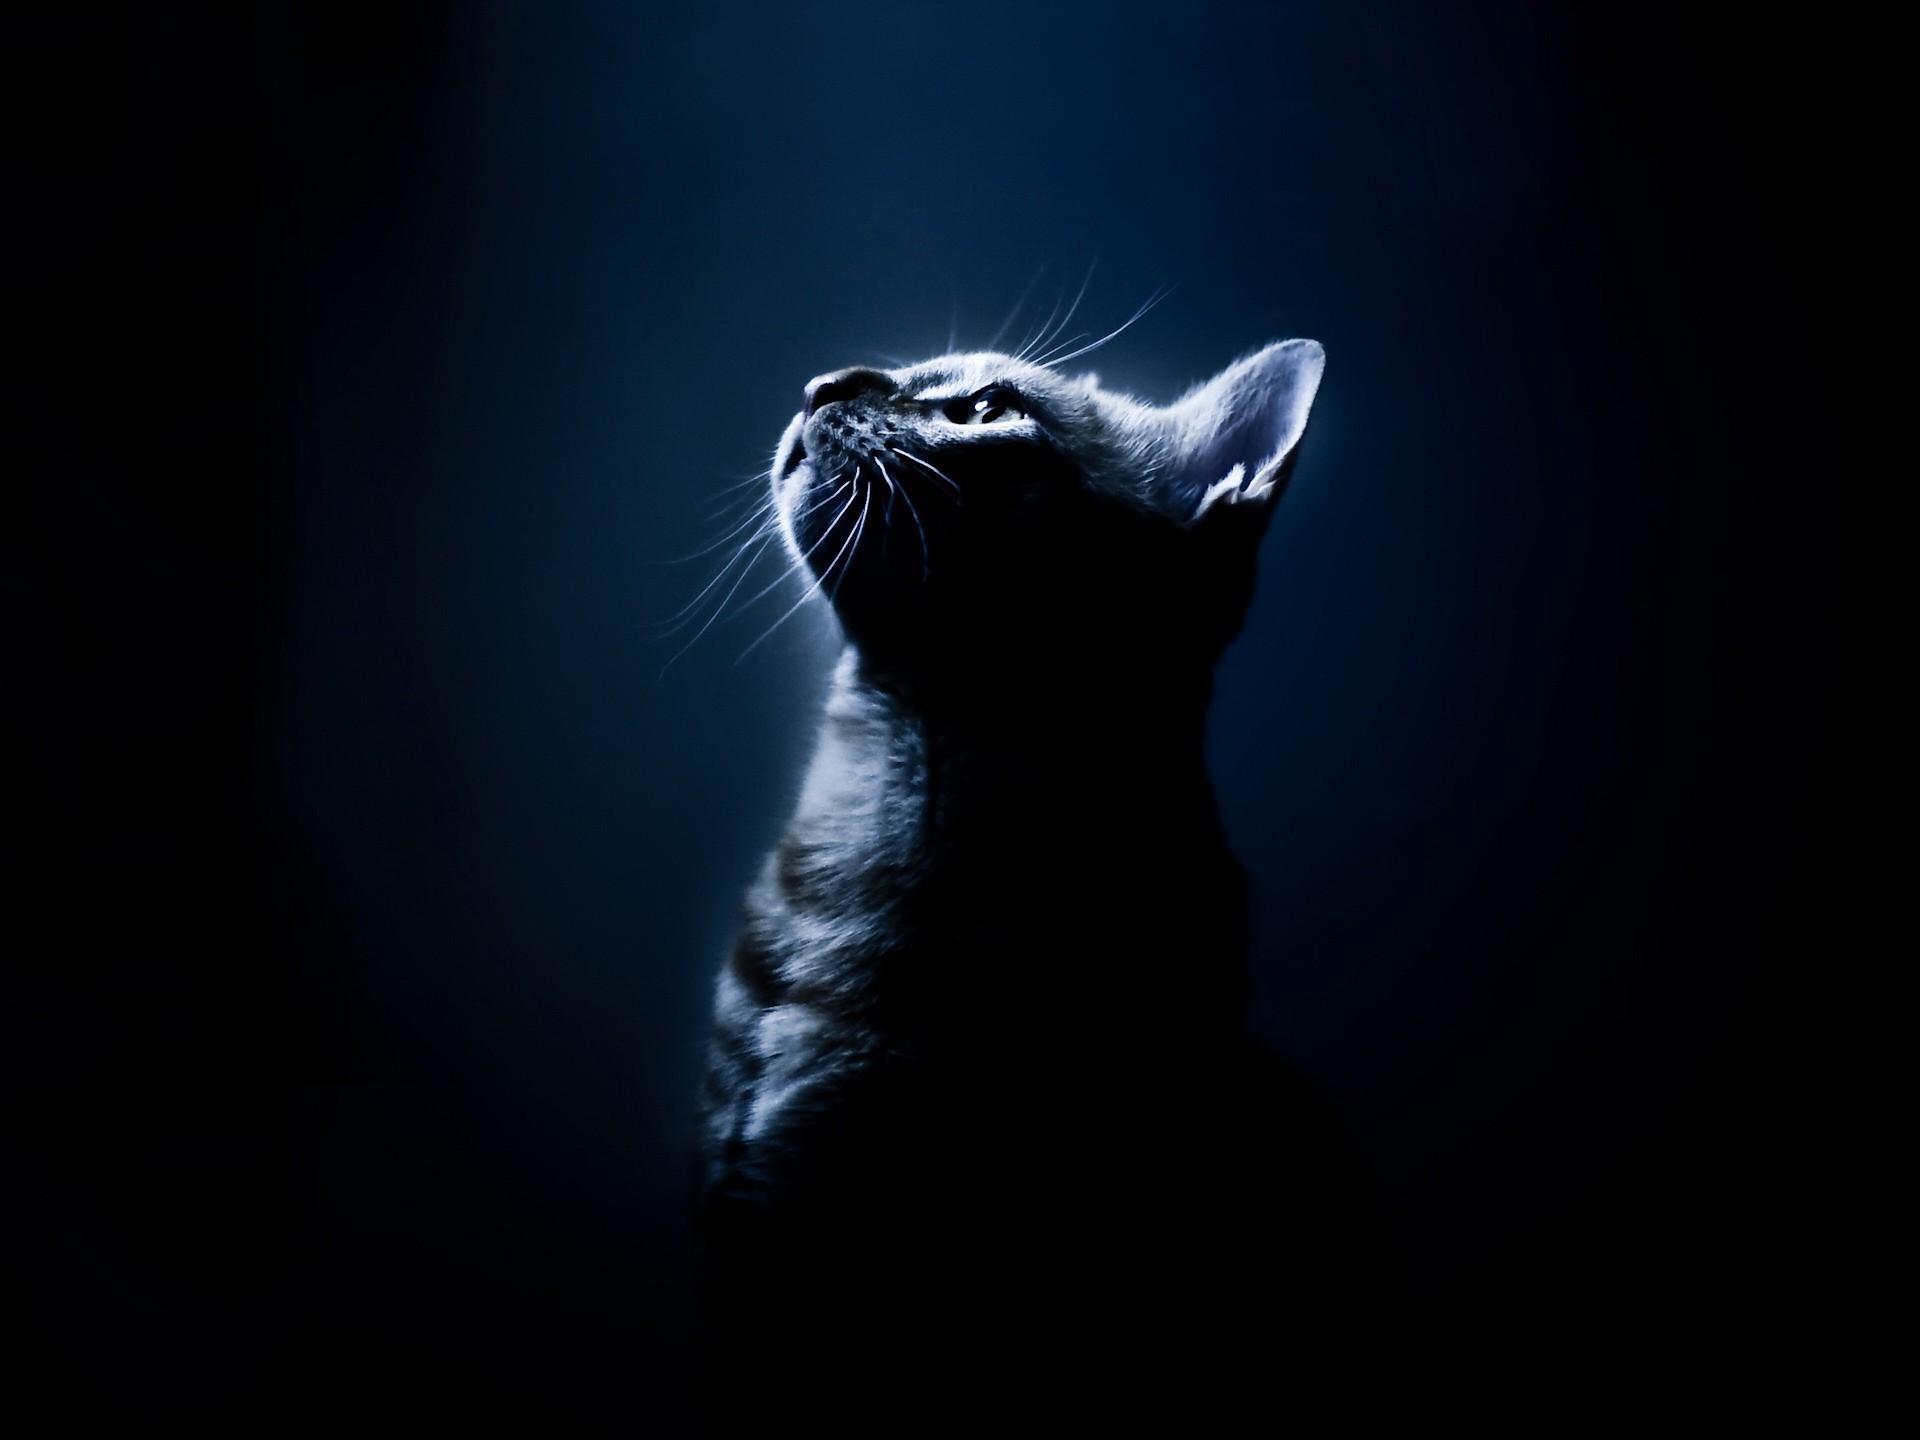 Котенок смотрящий вверх бесплатно